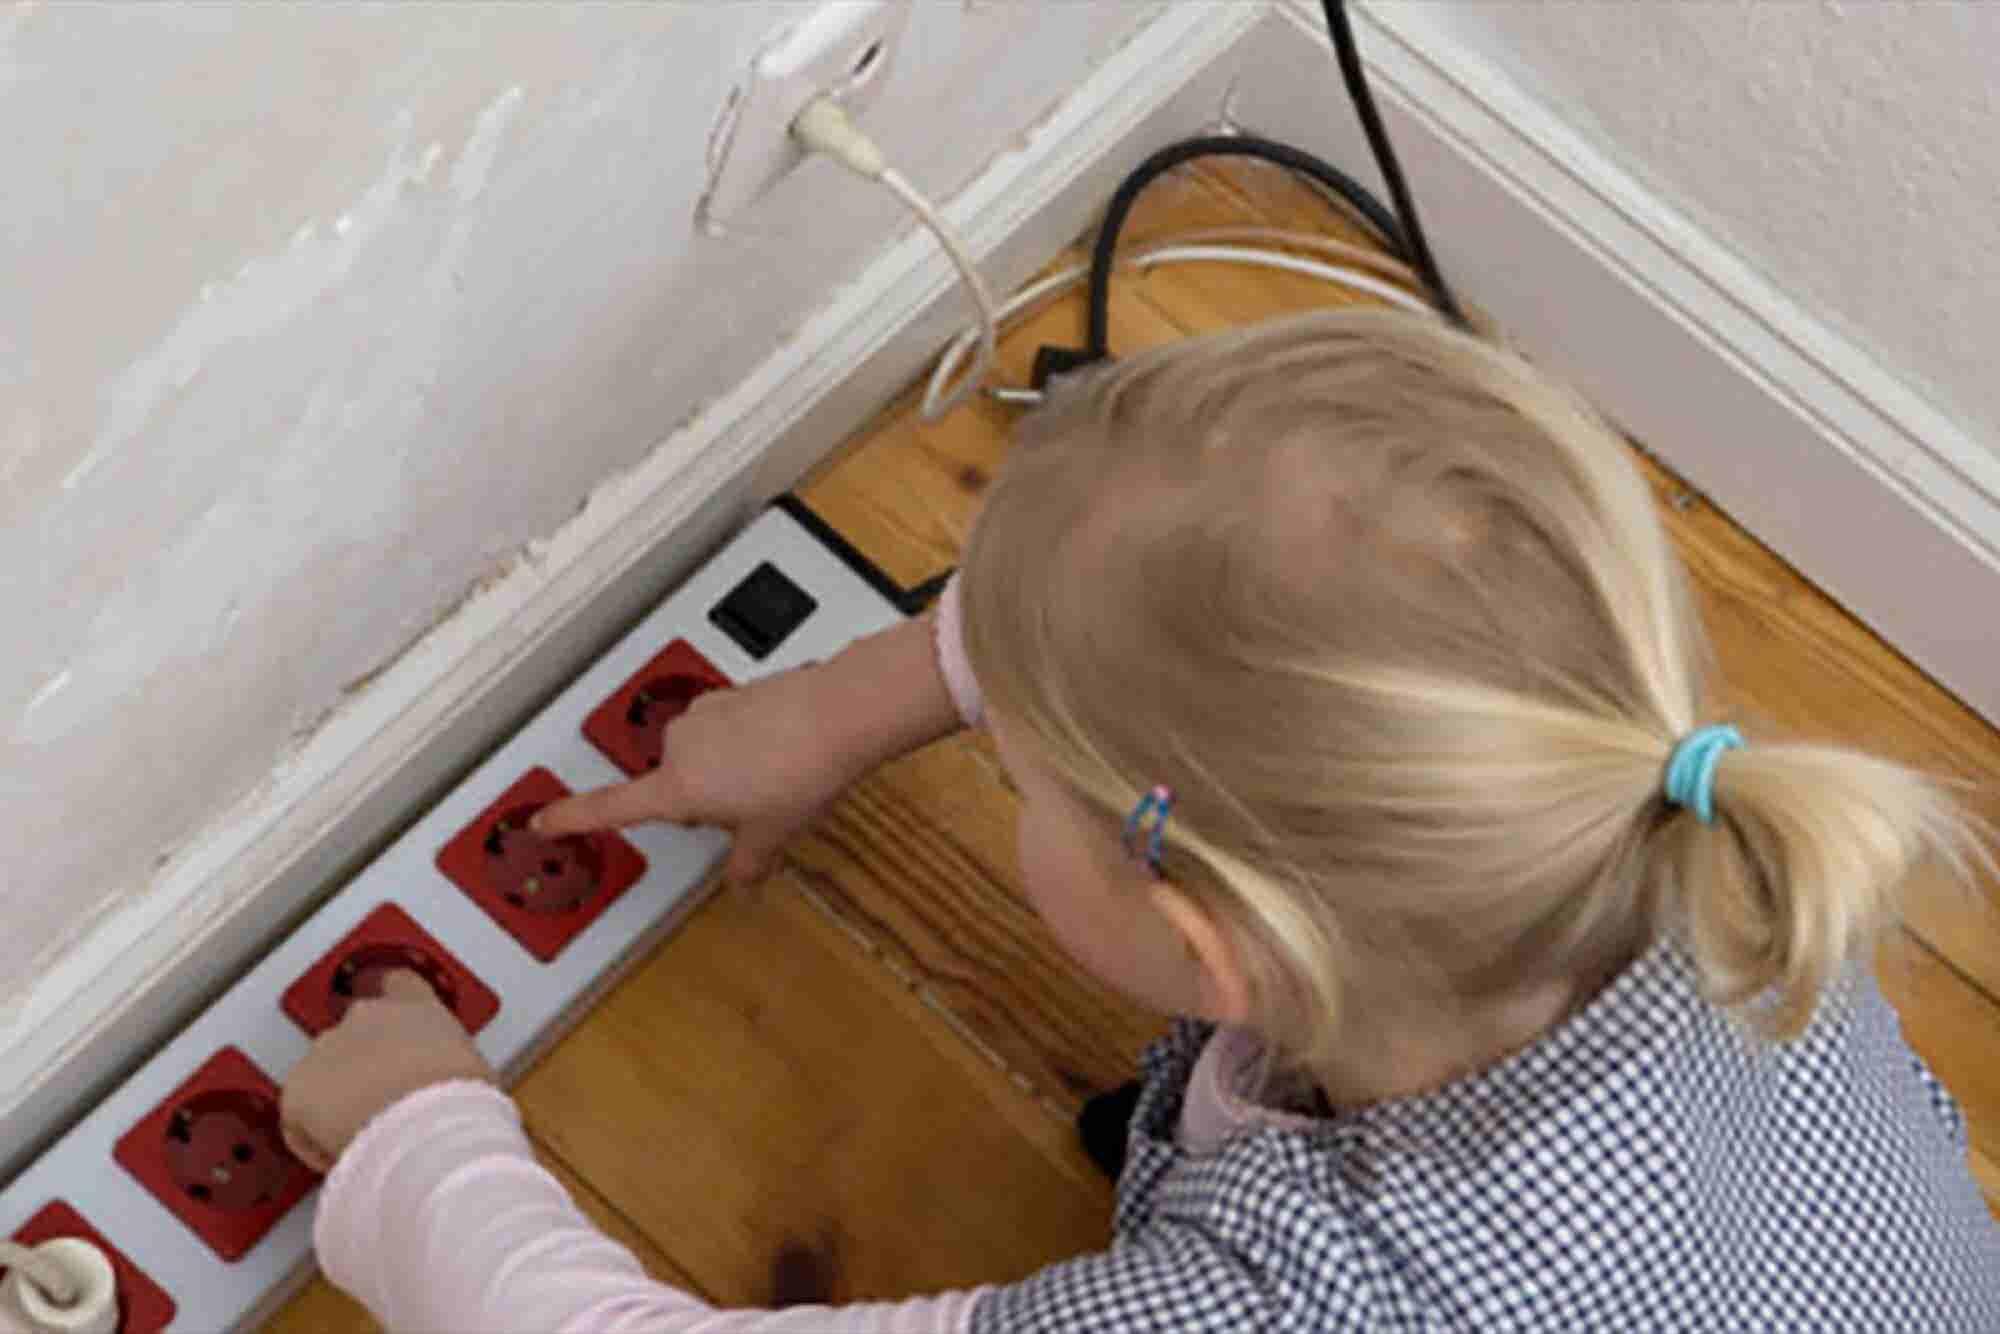 Seguridad para niños en el hogar